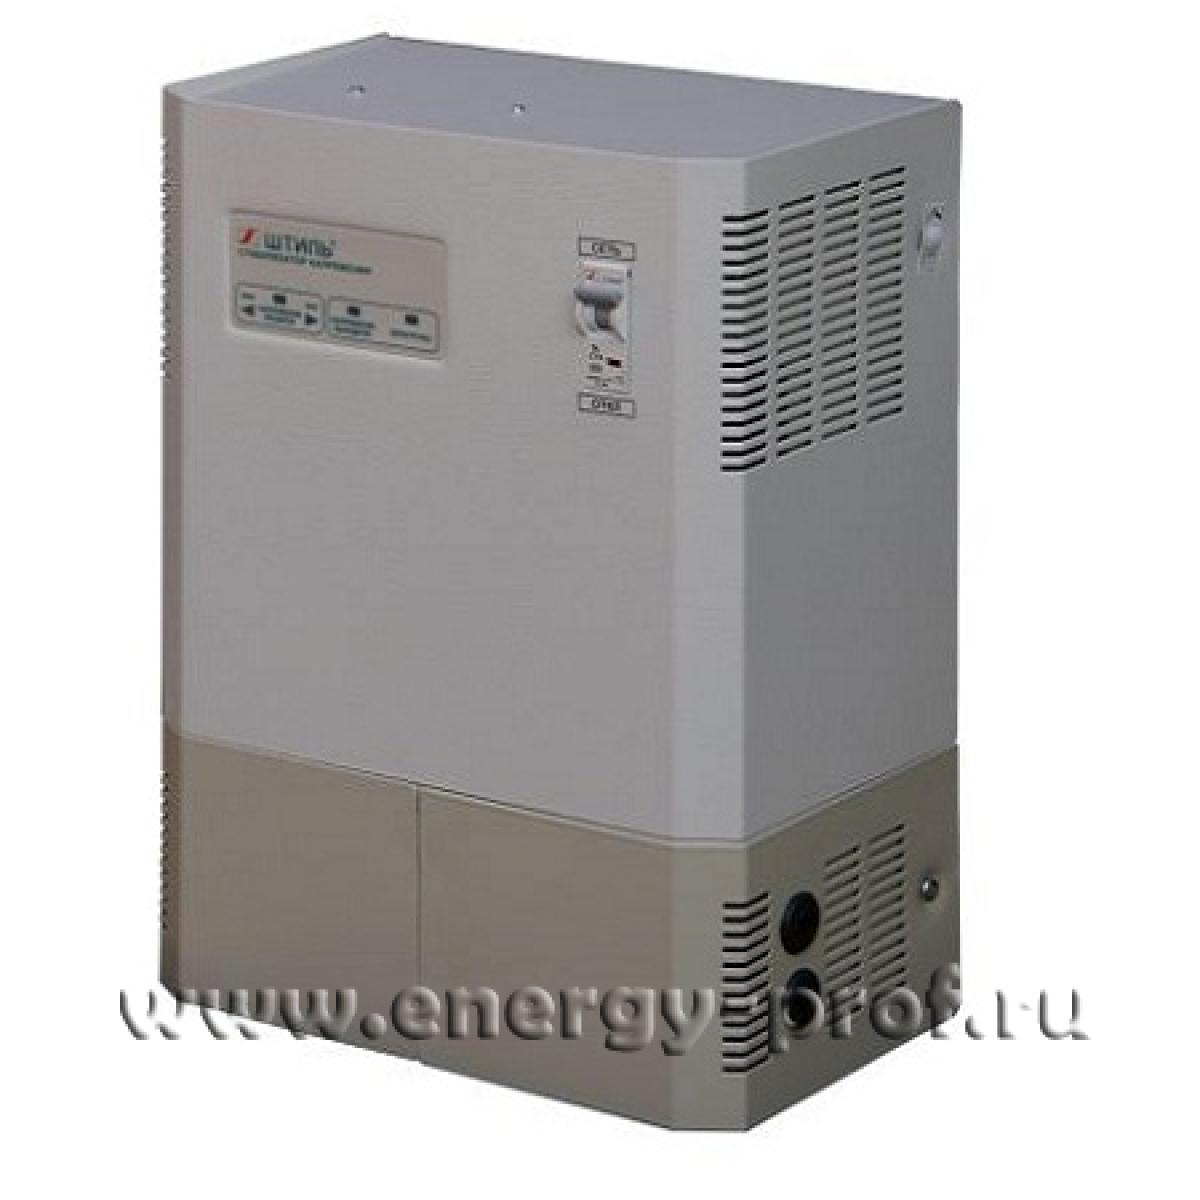 Однофазный стабилизатор Штиль R 1200 SP